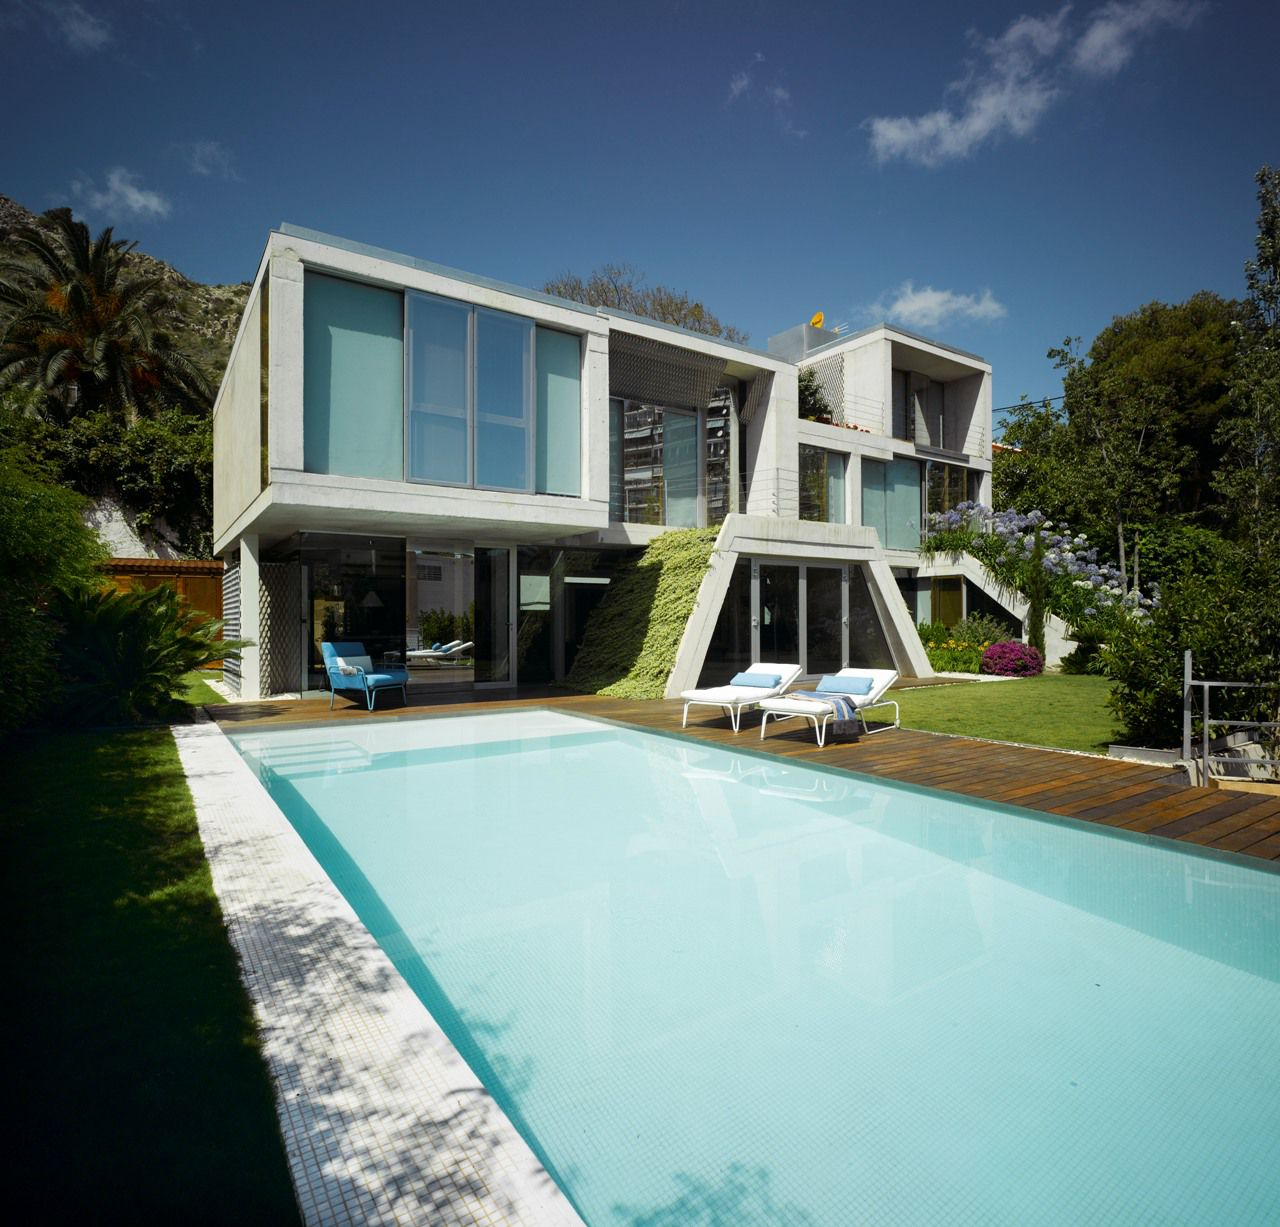 The Garden House in Alicante Spain by Joaquín Alvado Bañón